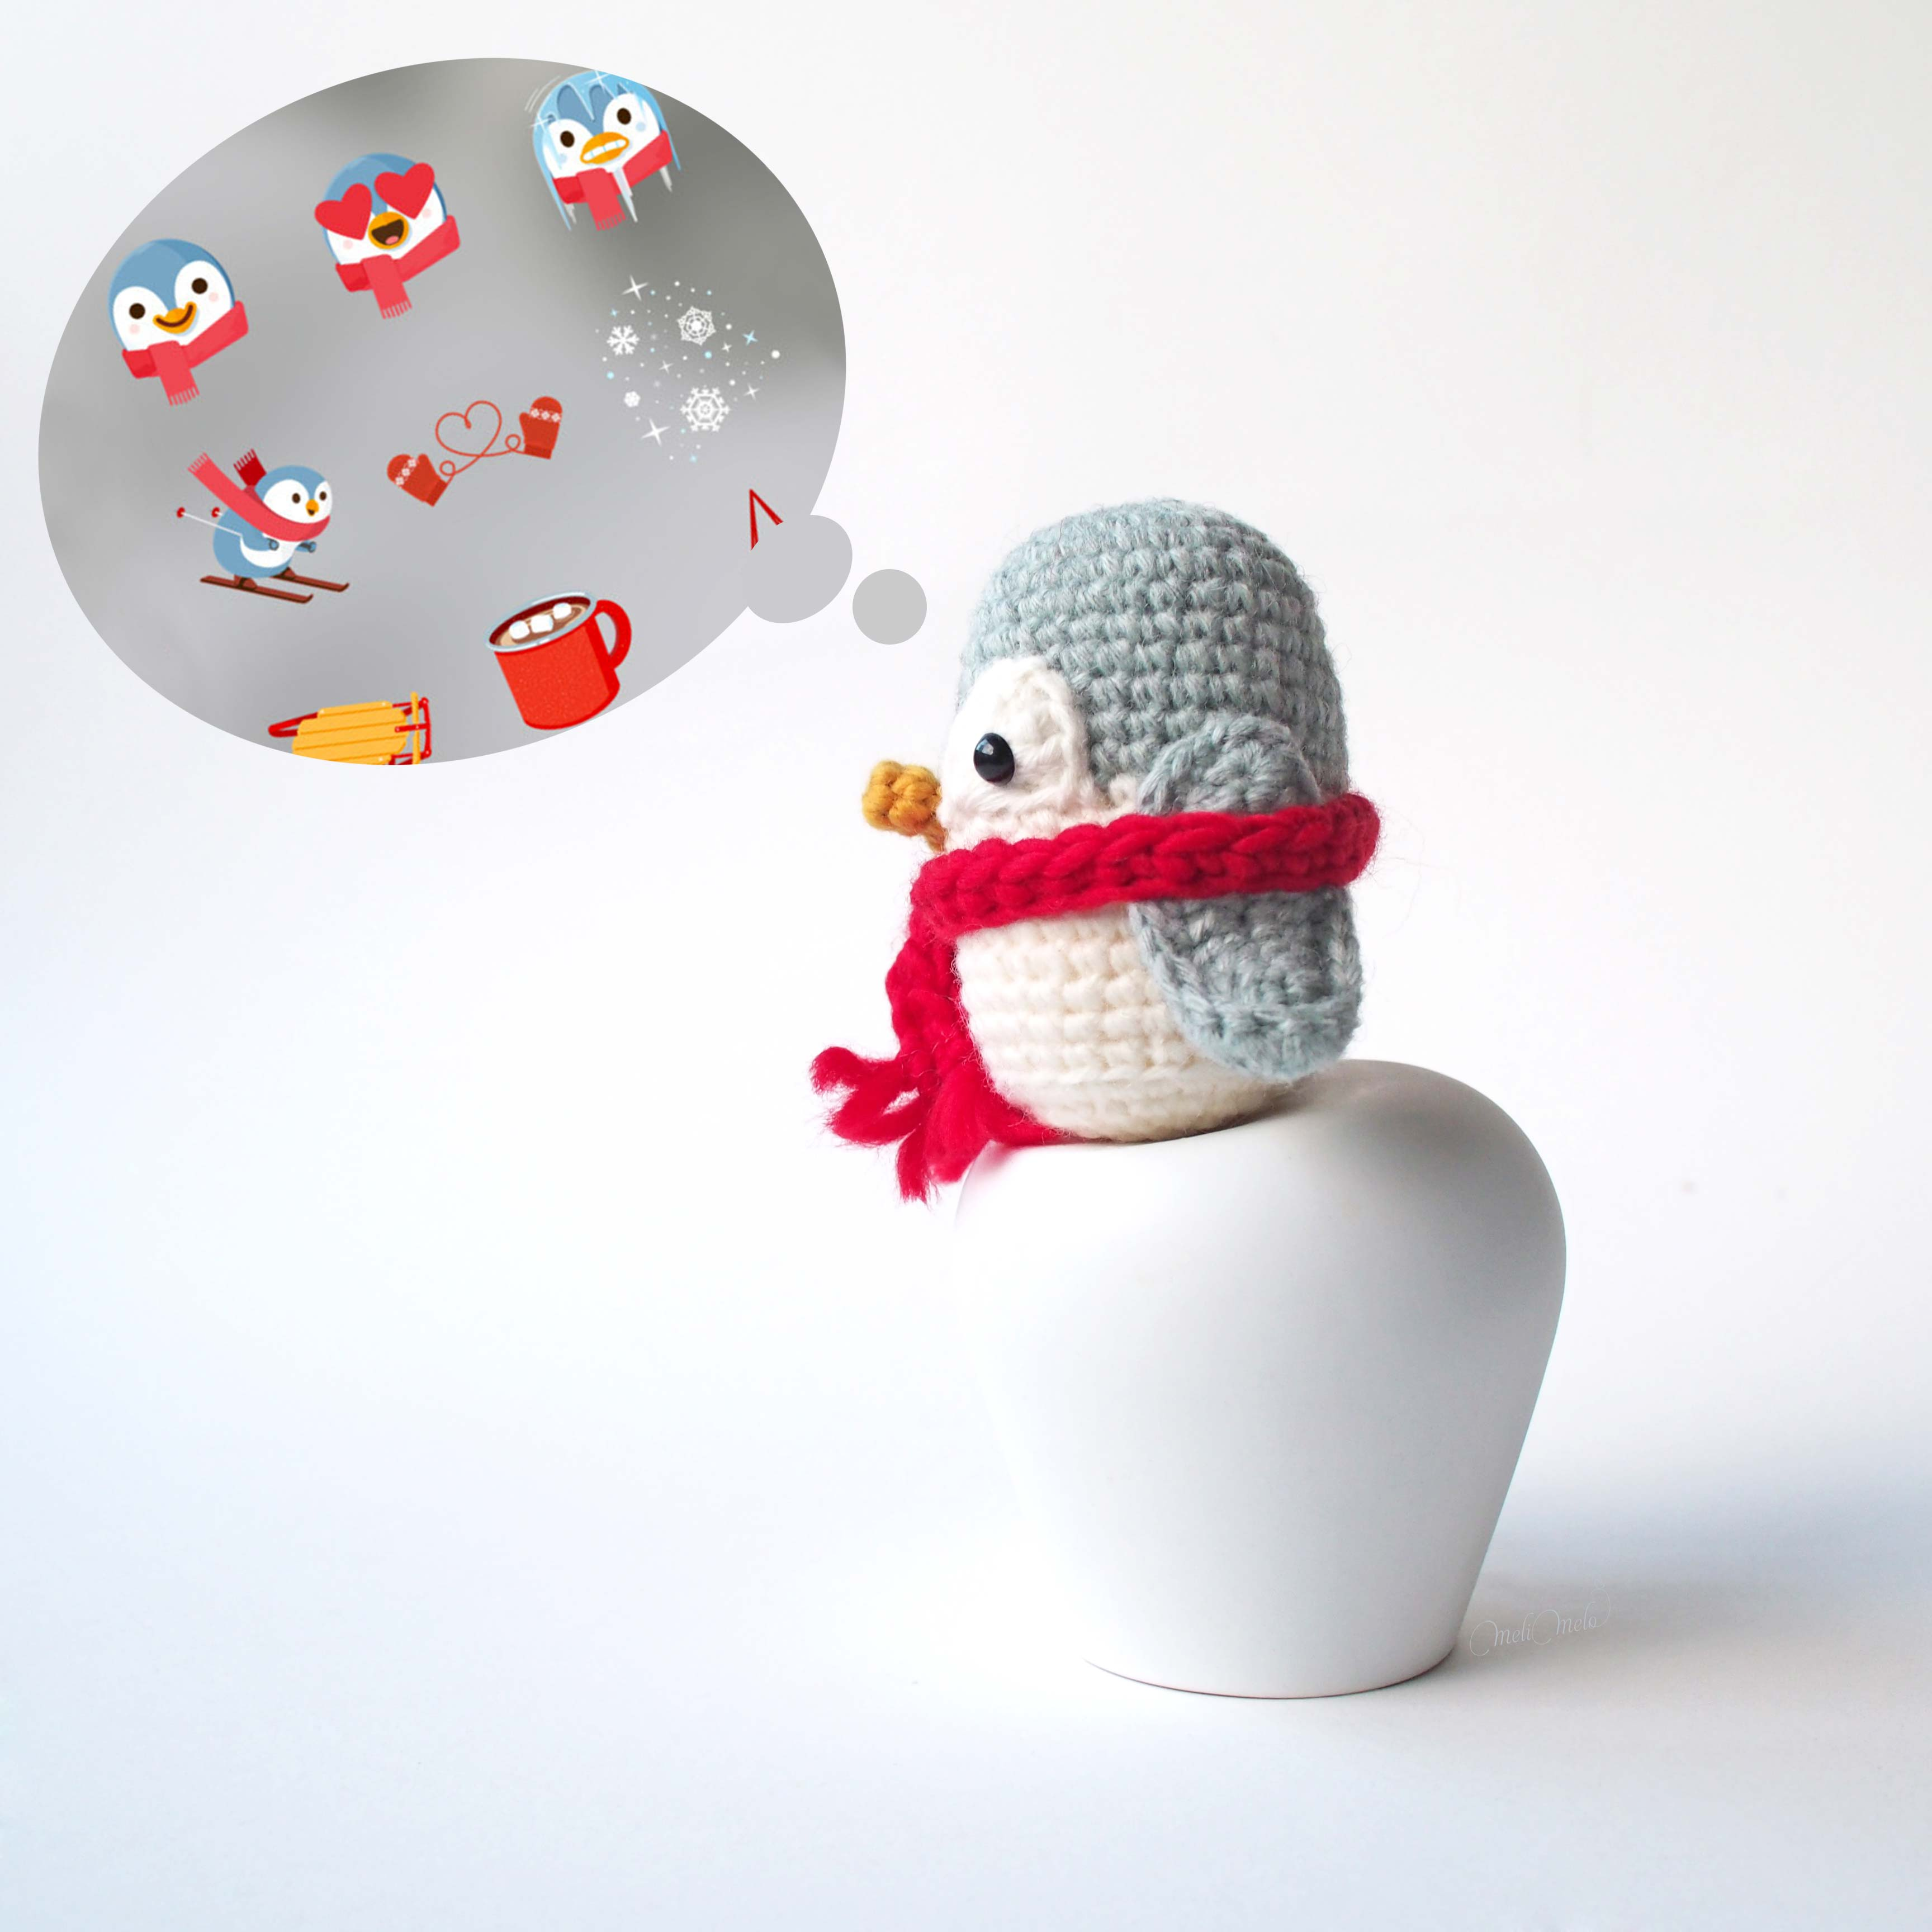 créations mignonneries crochet pingouin sticker stories instagram laboutiquedemelimelo